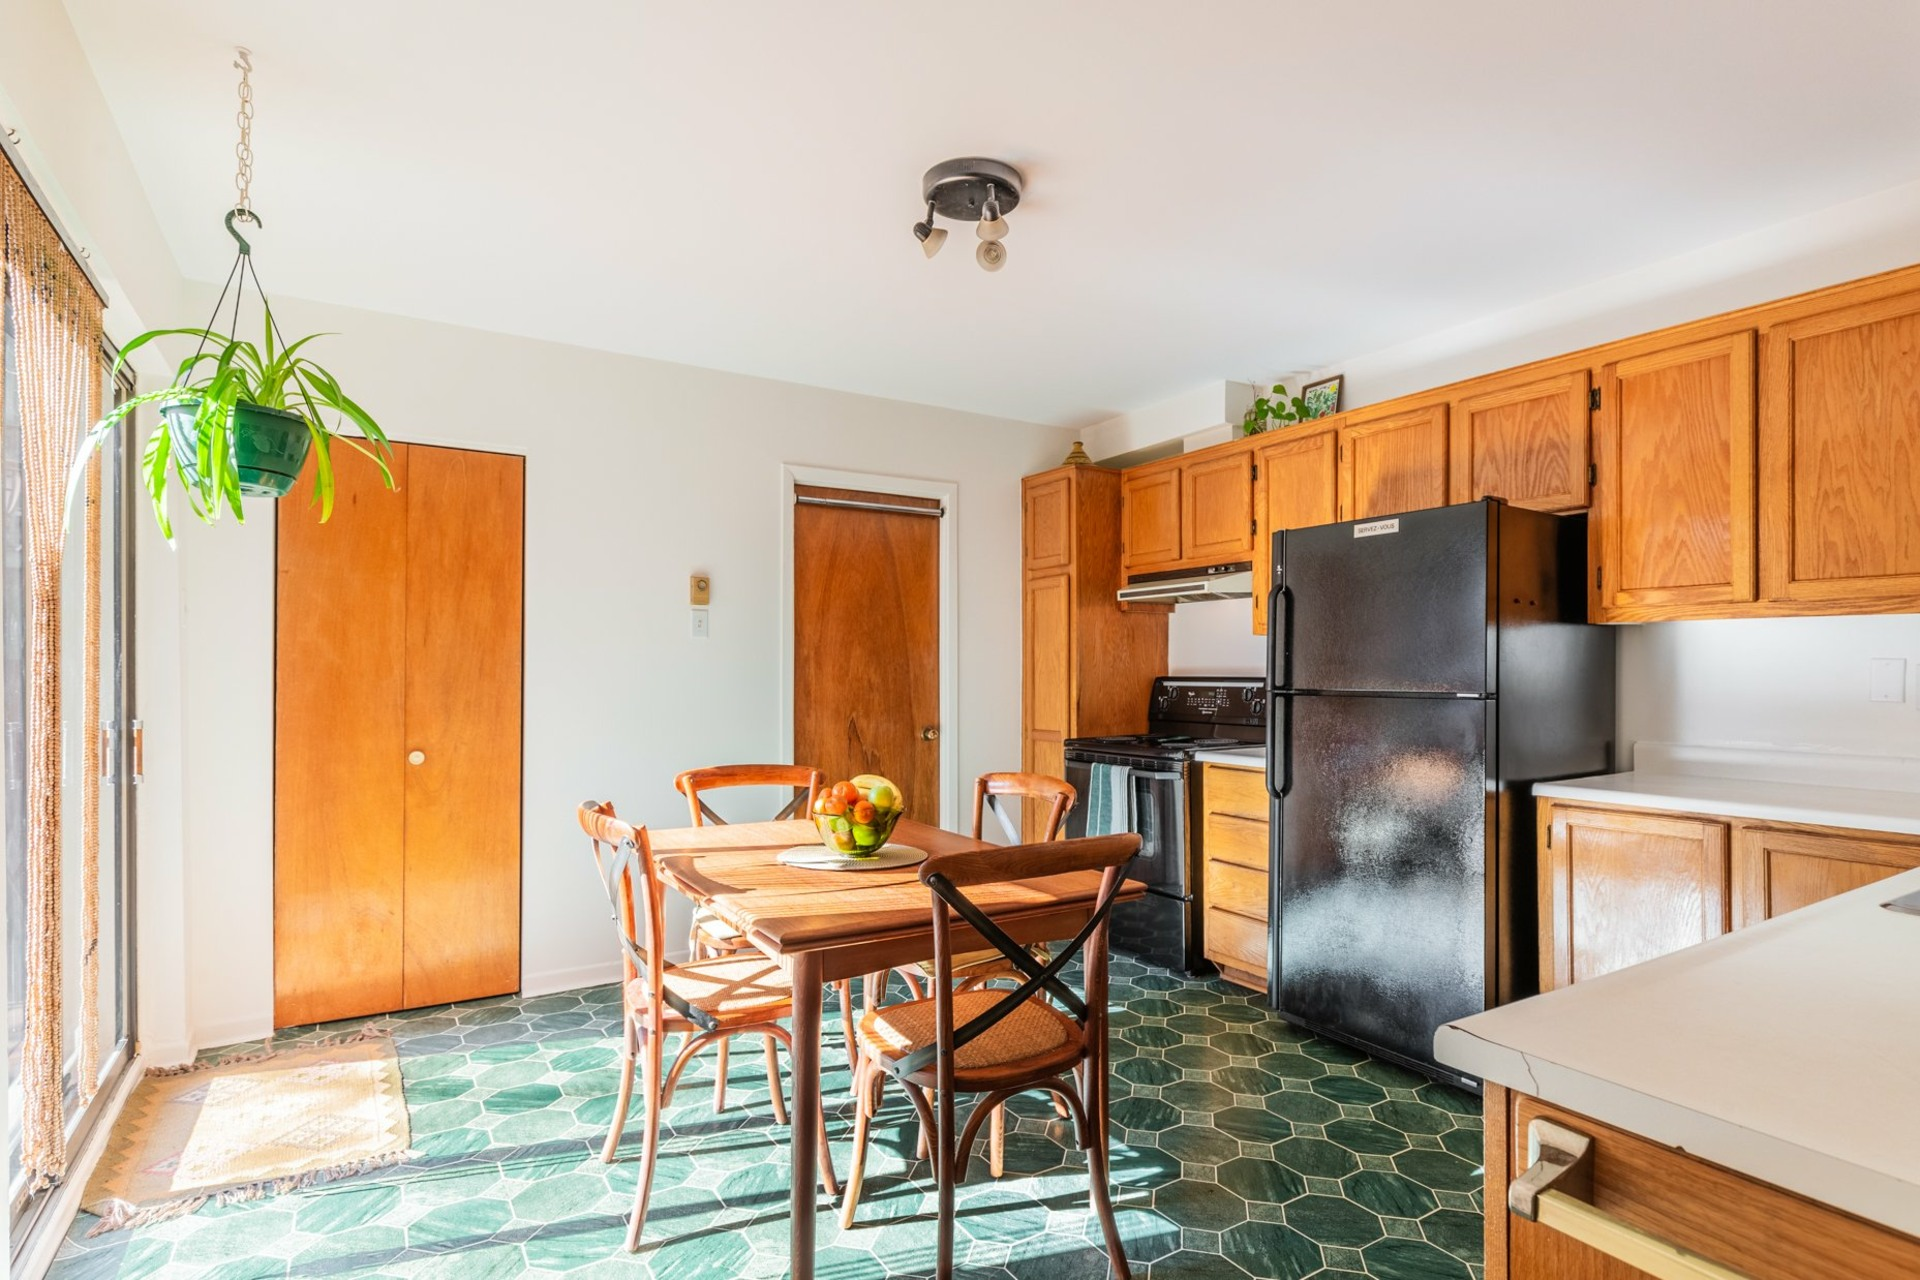 image 10 - Apartment For sale Le Plateau-Mont-Royal Montréal  - 6 rooms